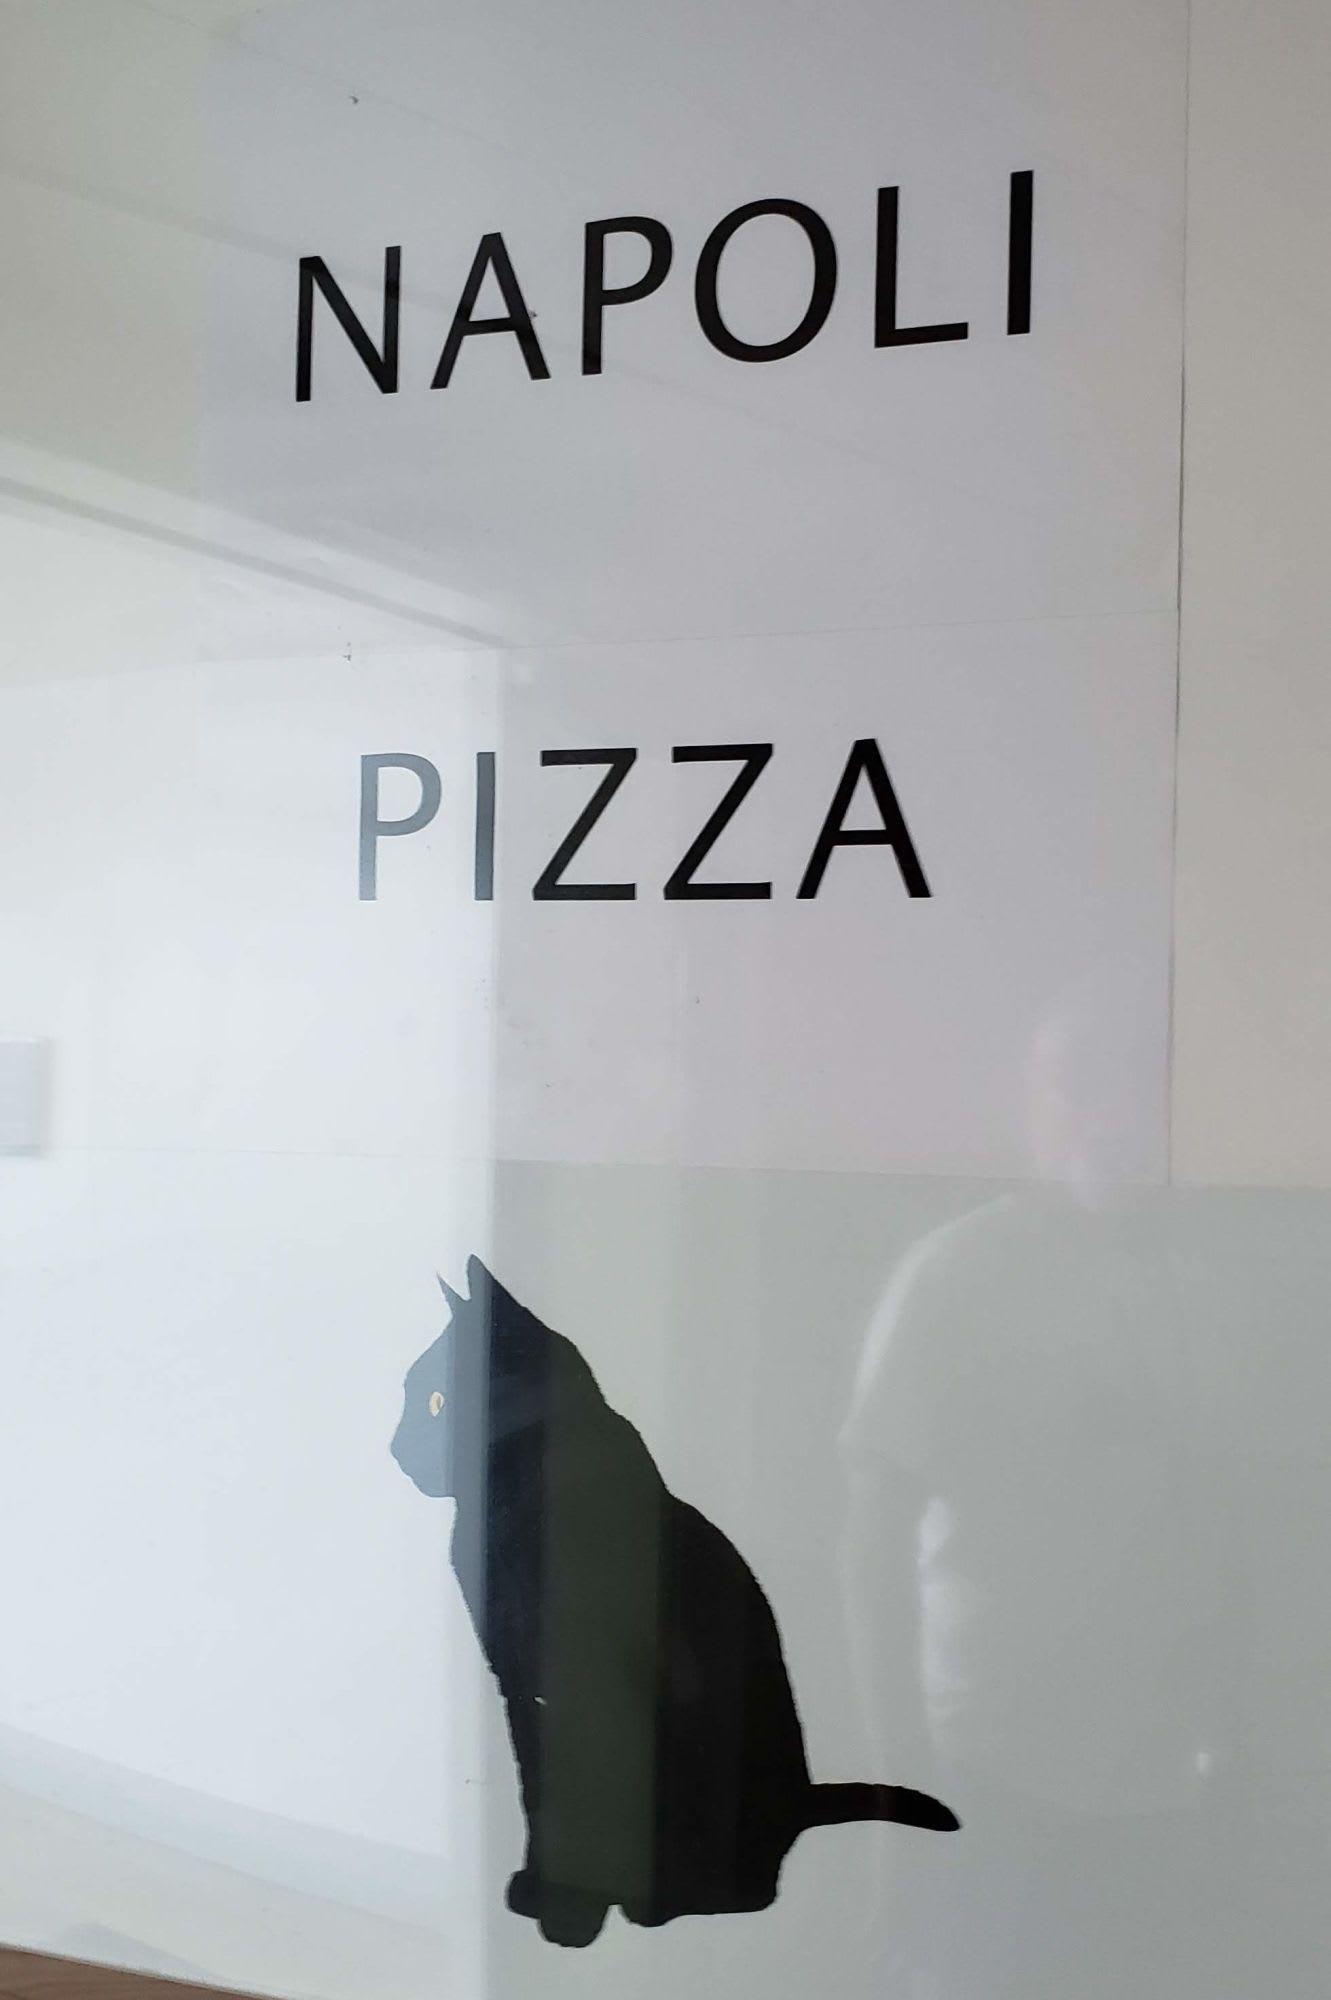 こちらは変わらないにゃんこマークのピザ・ナポリ